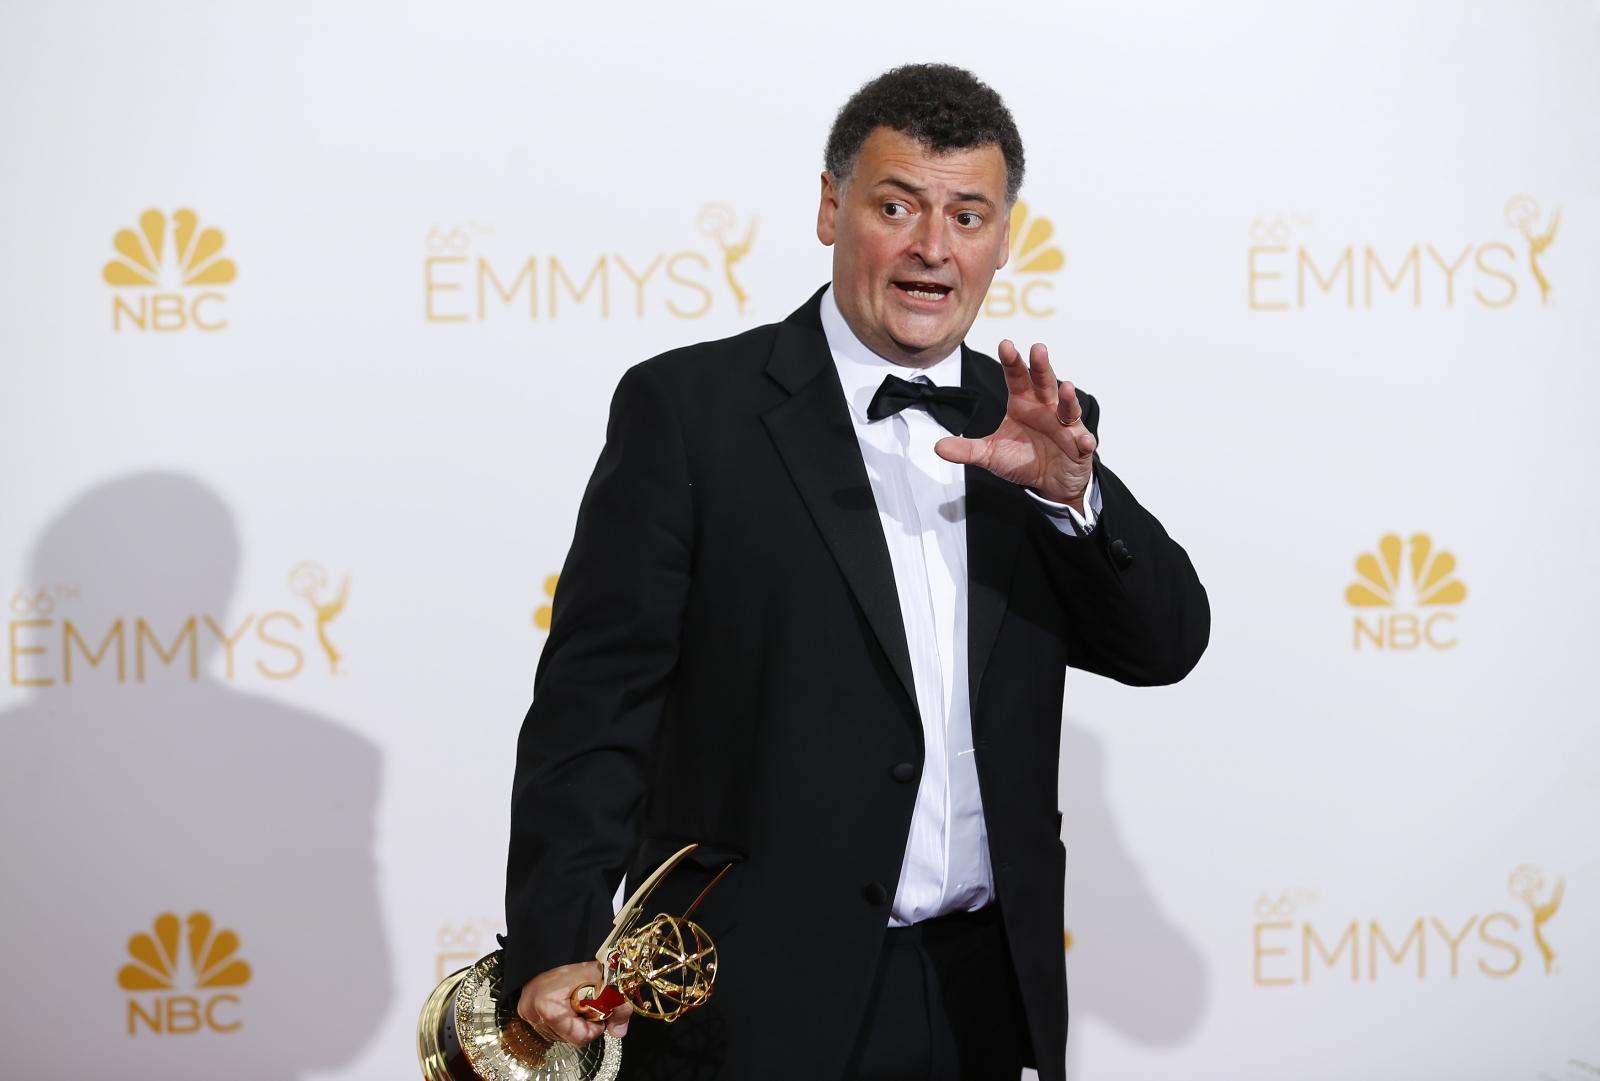 Emmy Awards 2014 Sherlock